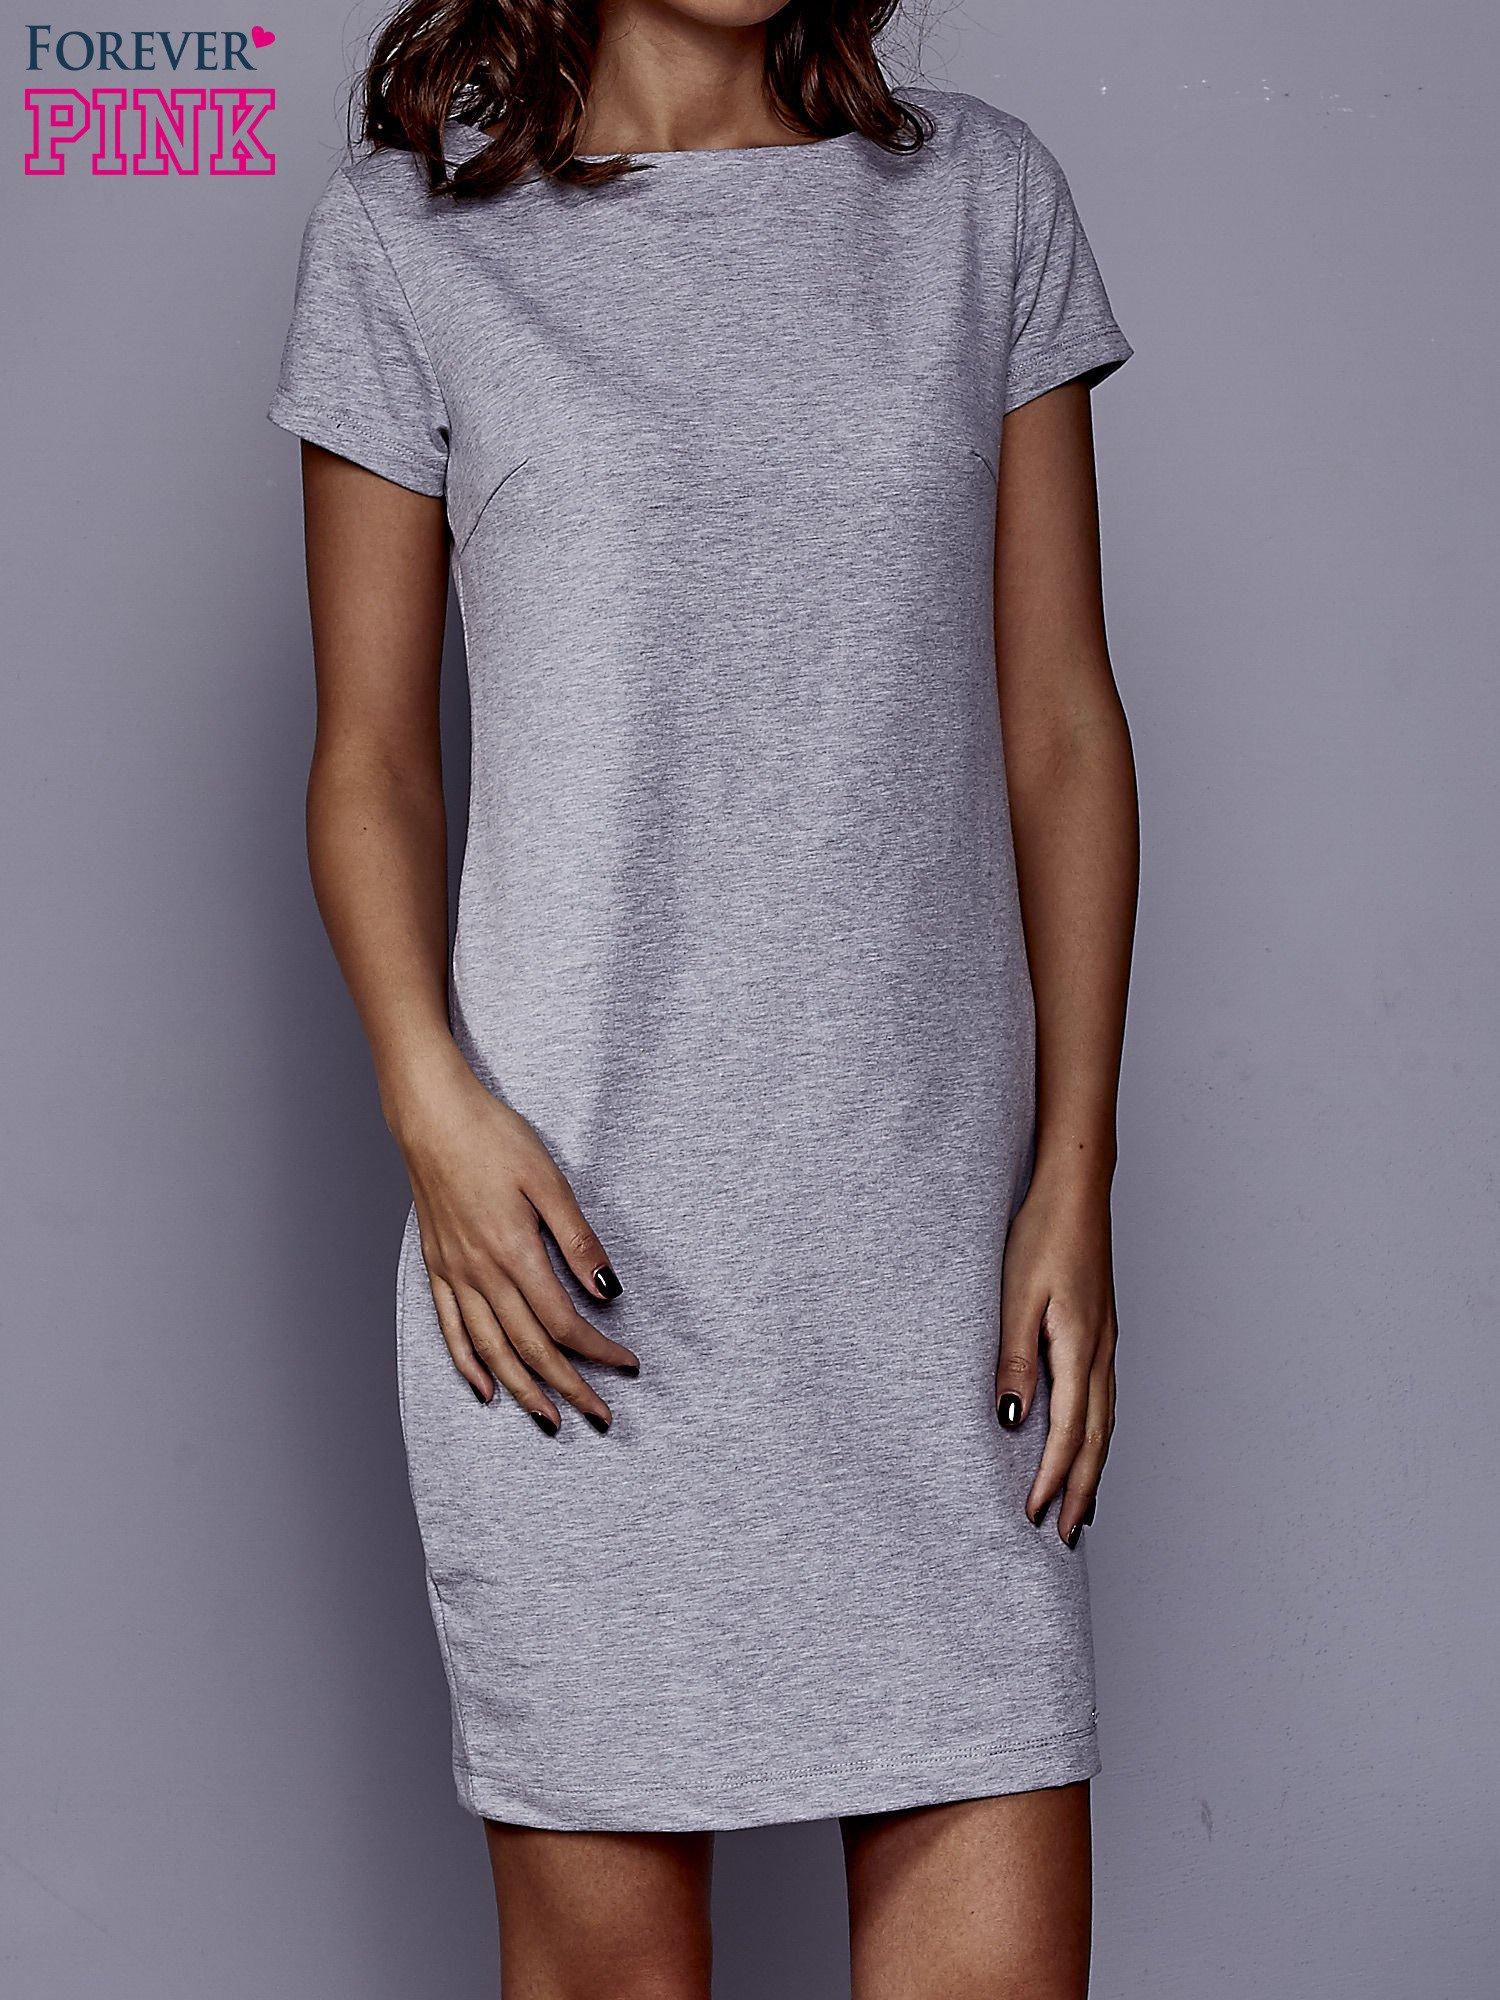 Szara sukienka dresowa o prostym kroju                                  zdj.                                  1